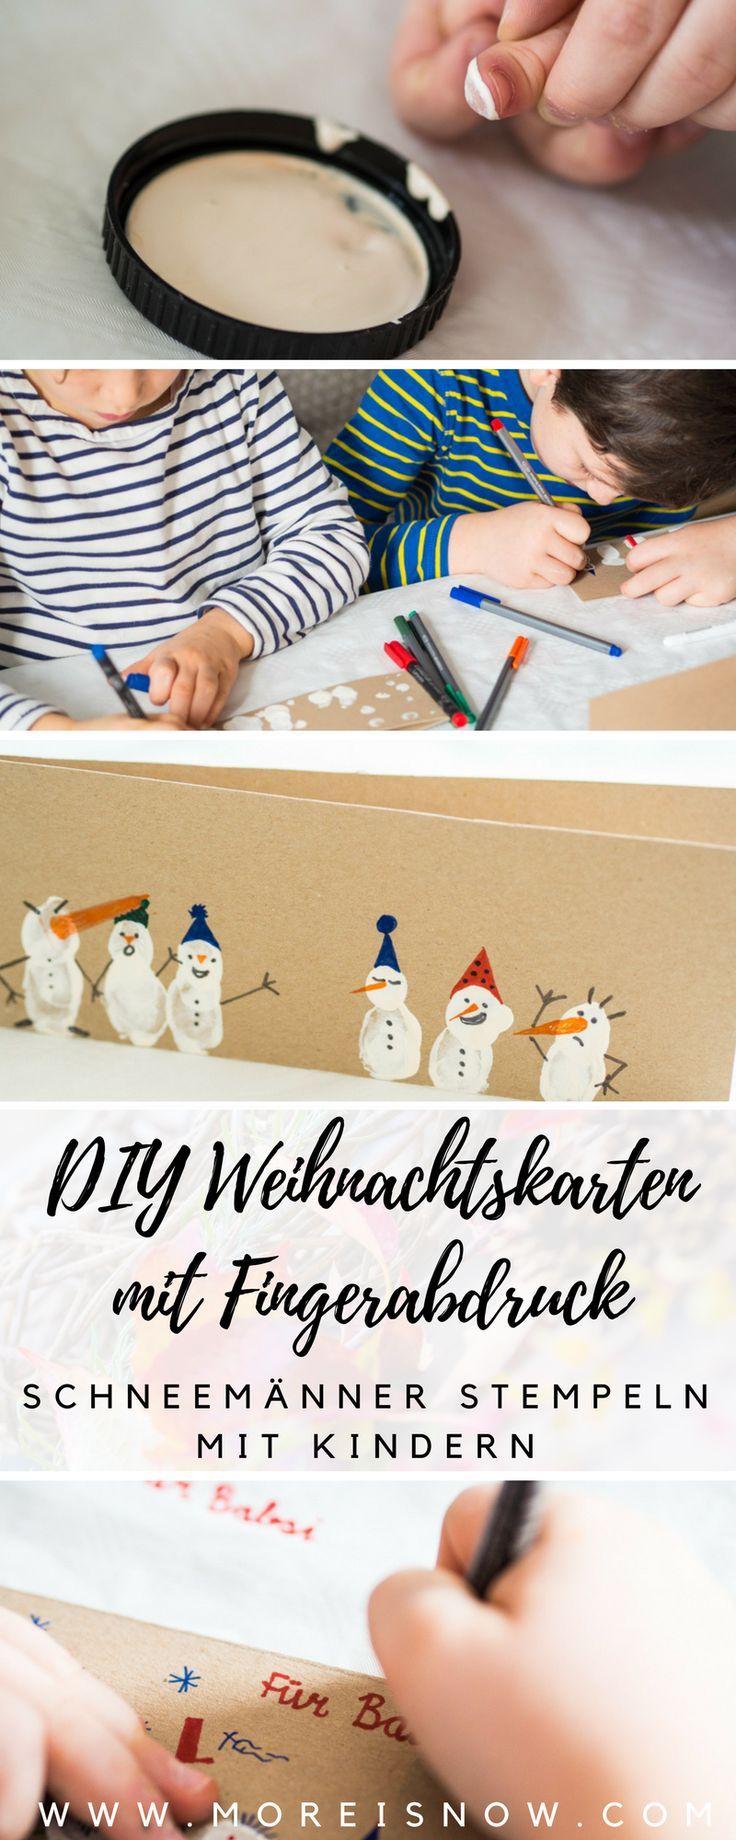 DIY Weihnachtskarten mit Fingerabdruck Schneemännern & entspanntes Prickeln für wilde Wichtel plus 2 Sets als Give Away - More is Now #christmascards